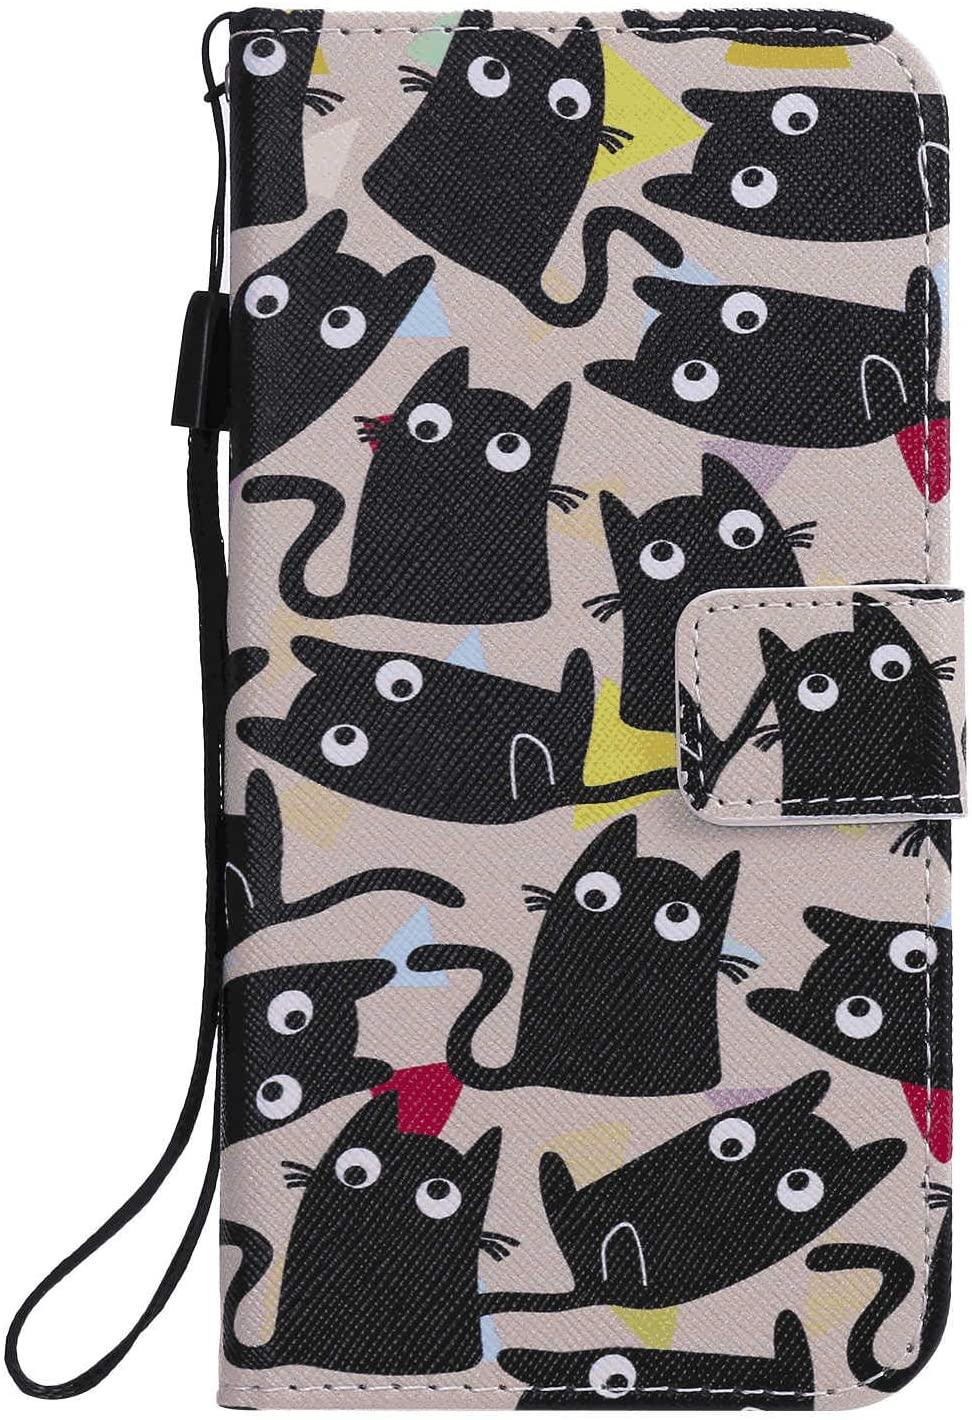 아이폰 11 의 아이폰 11 스마트폰과 호환이 되는 사업 지갑 덮개를 위한 내진성 가죽 손가락으로 튀김 상자